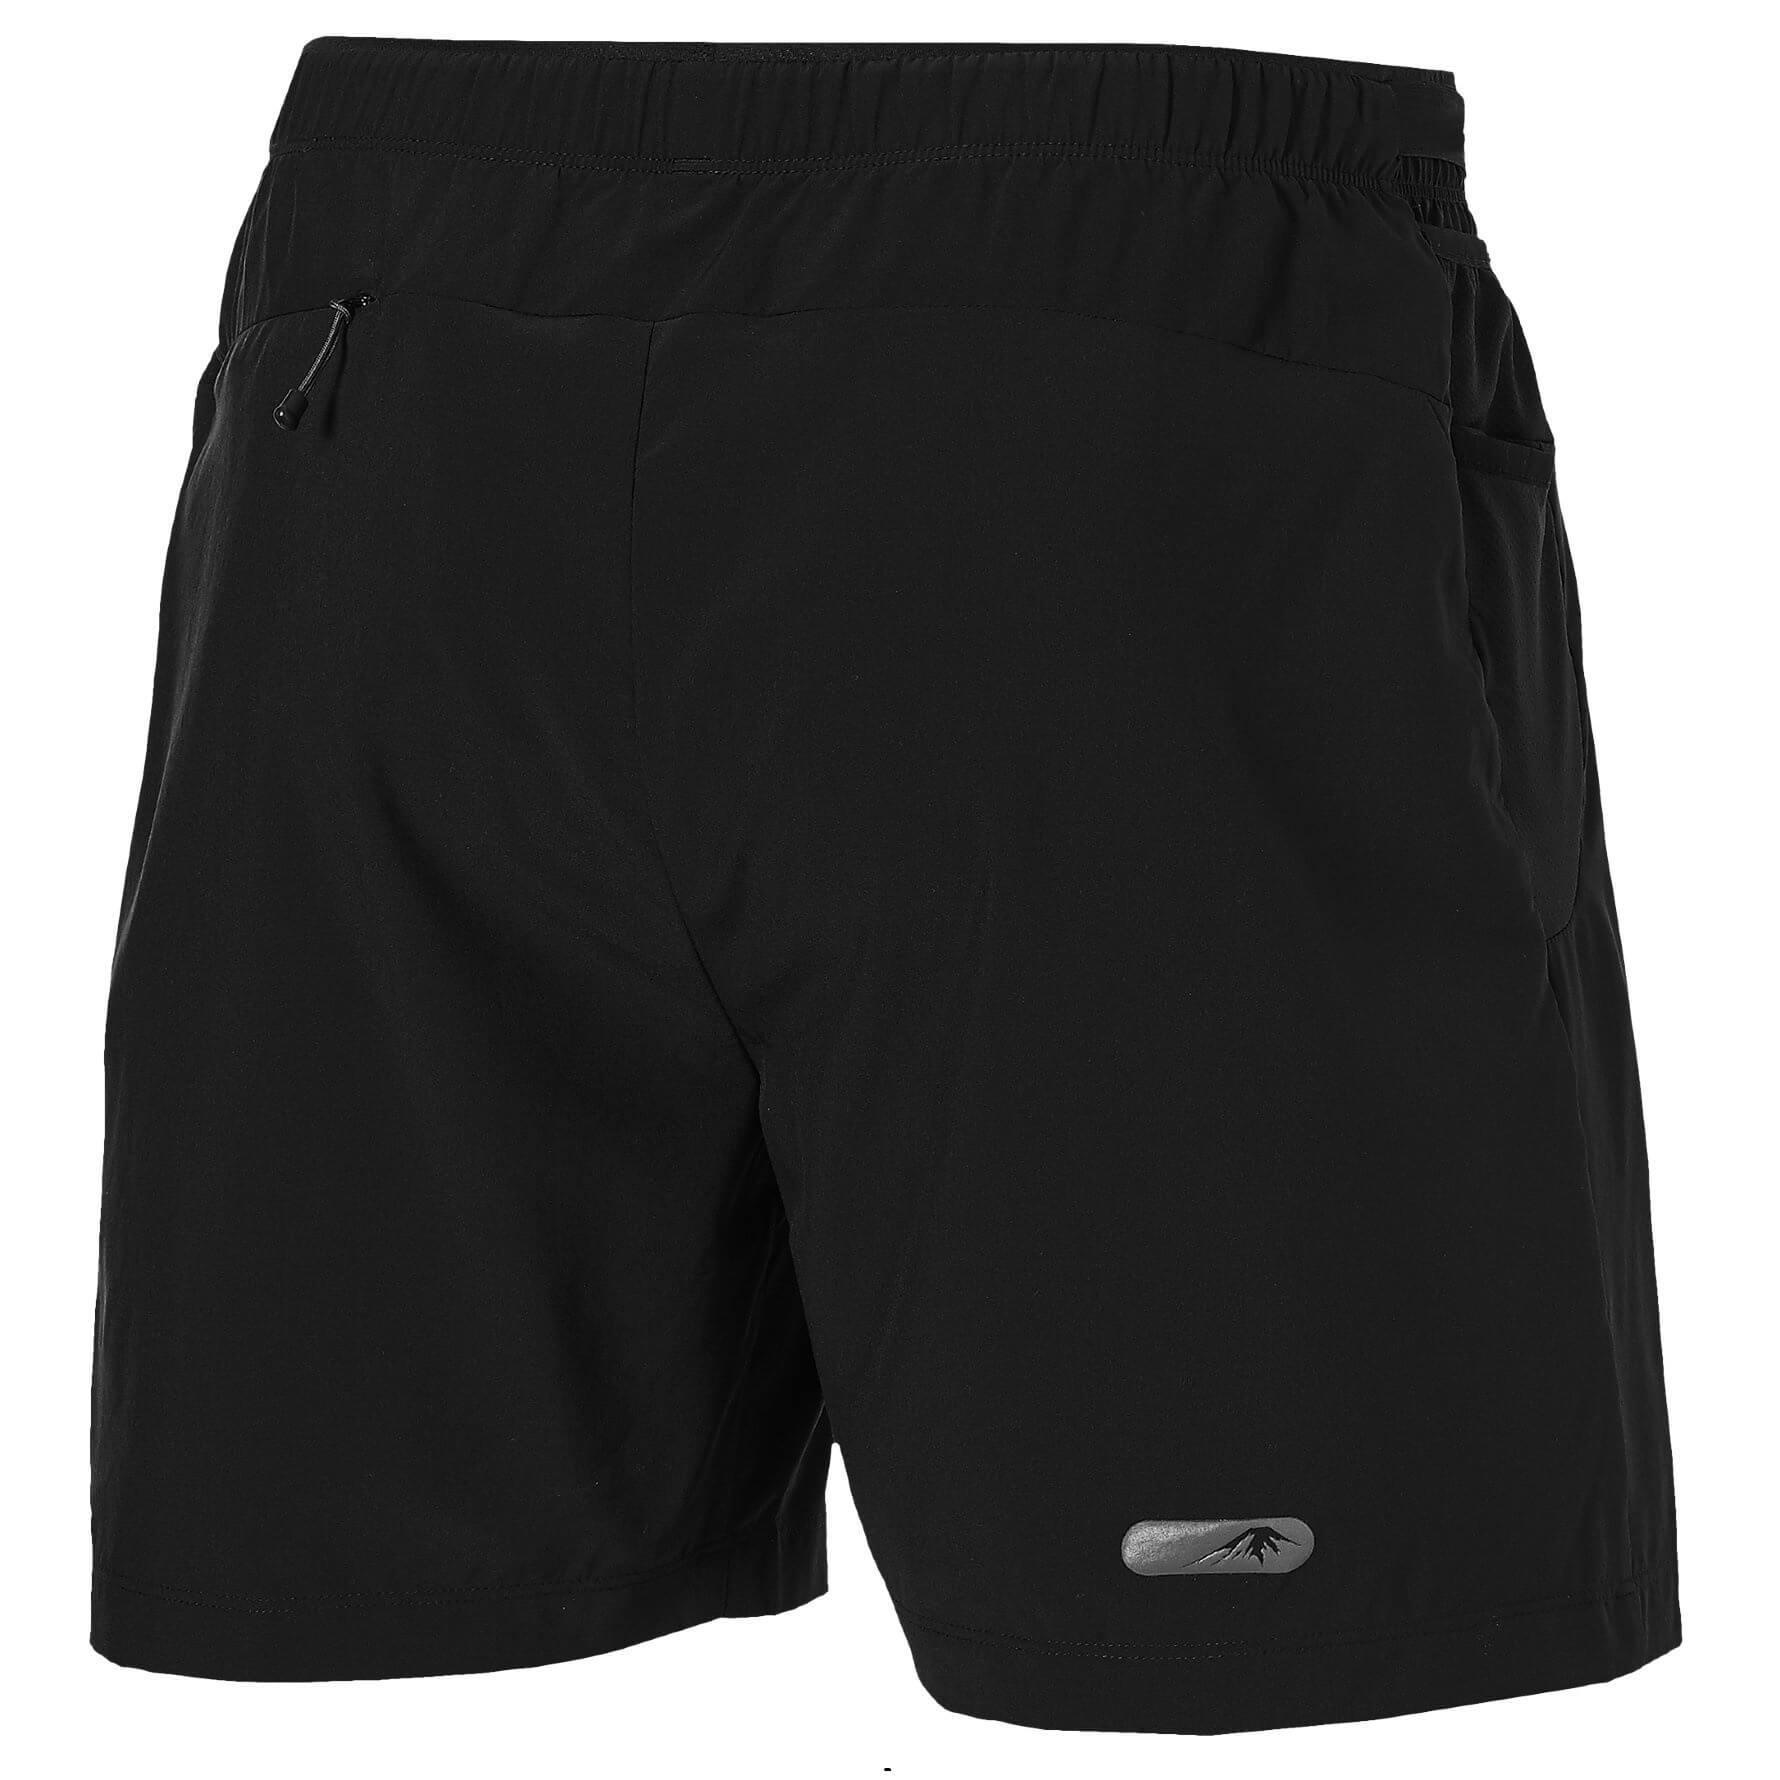 Asics M'S FujiTrail 2in1 Short Мужские шорты-боксеры